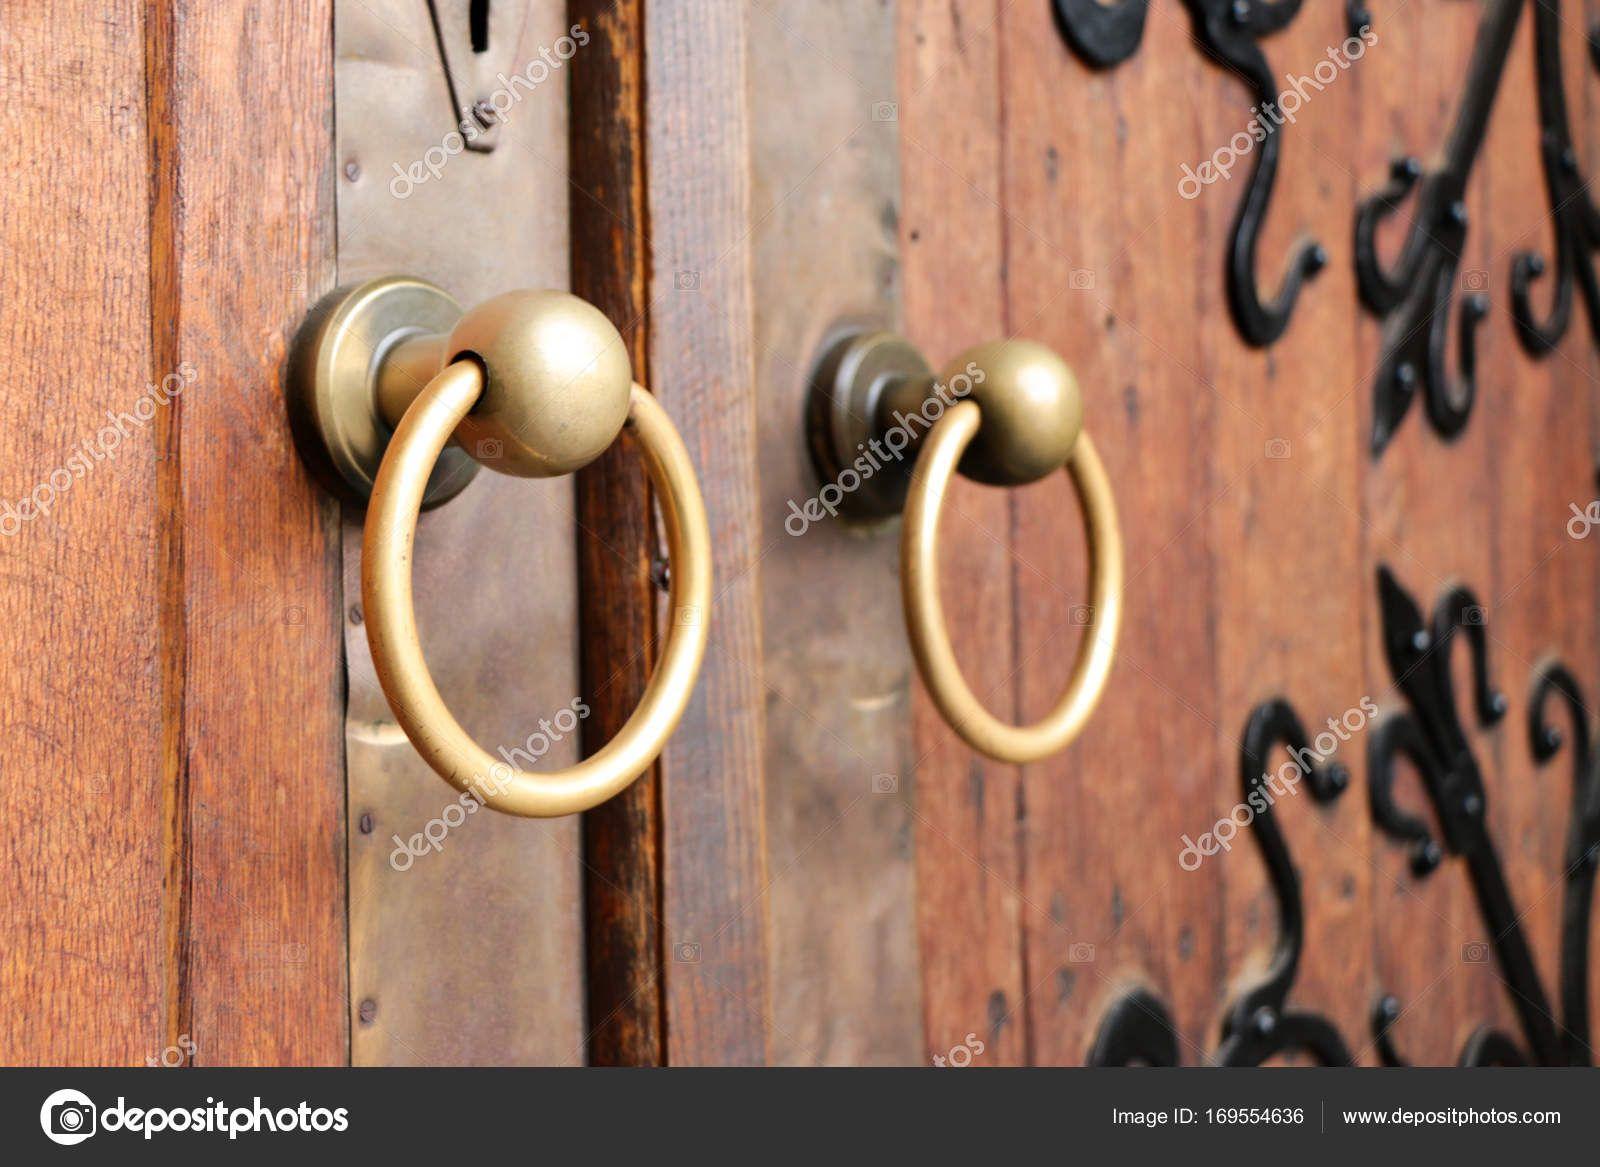 高齢者の木製ドアに 2 つのアンティーク銅華やかなドアのノッカーのクローズ アップ ストック画像 木製ドア ドア アンティーク